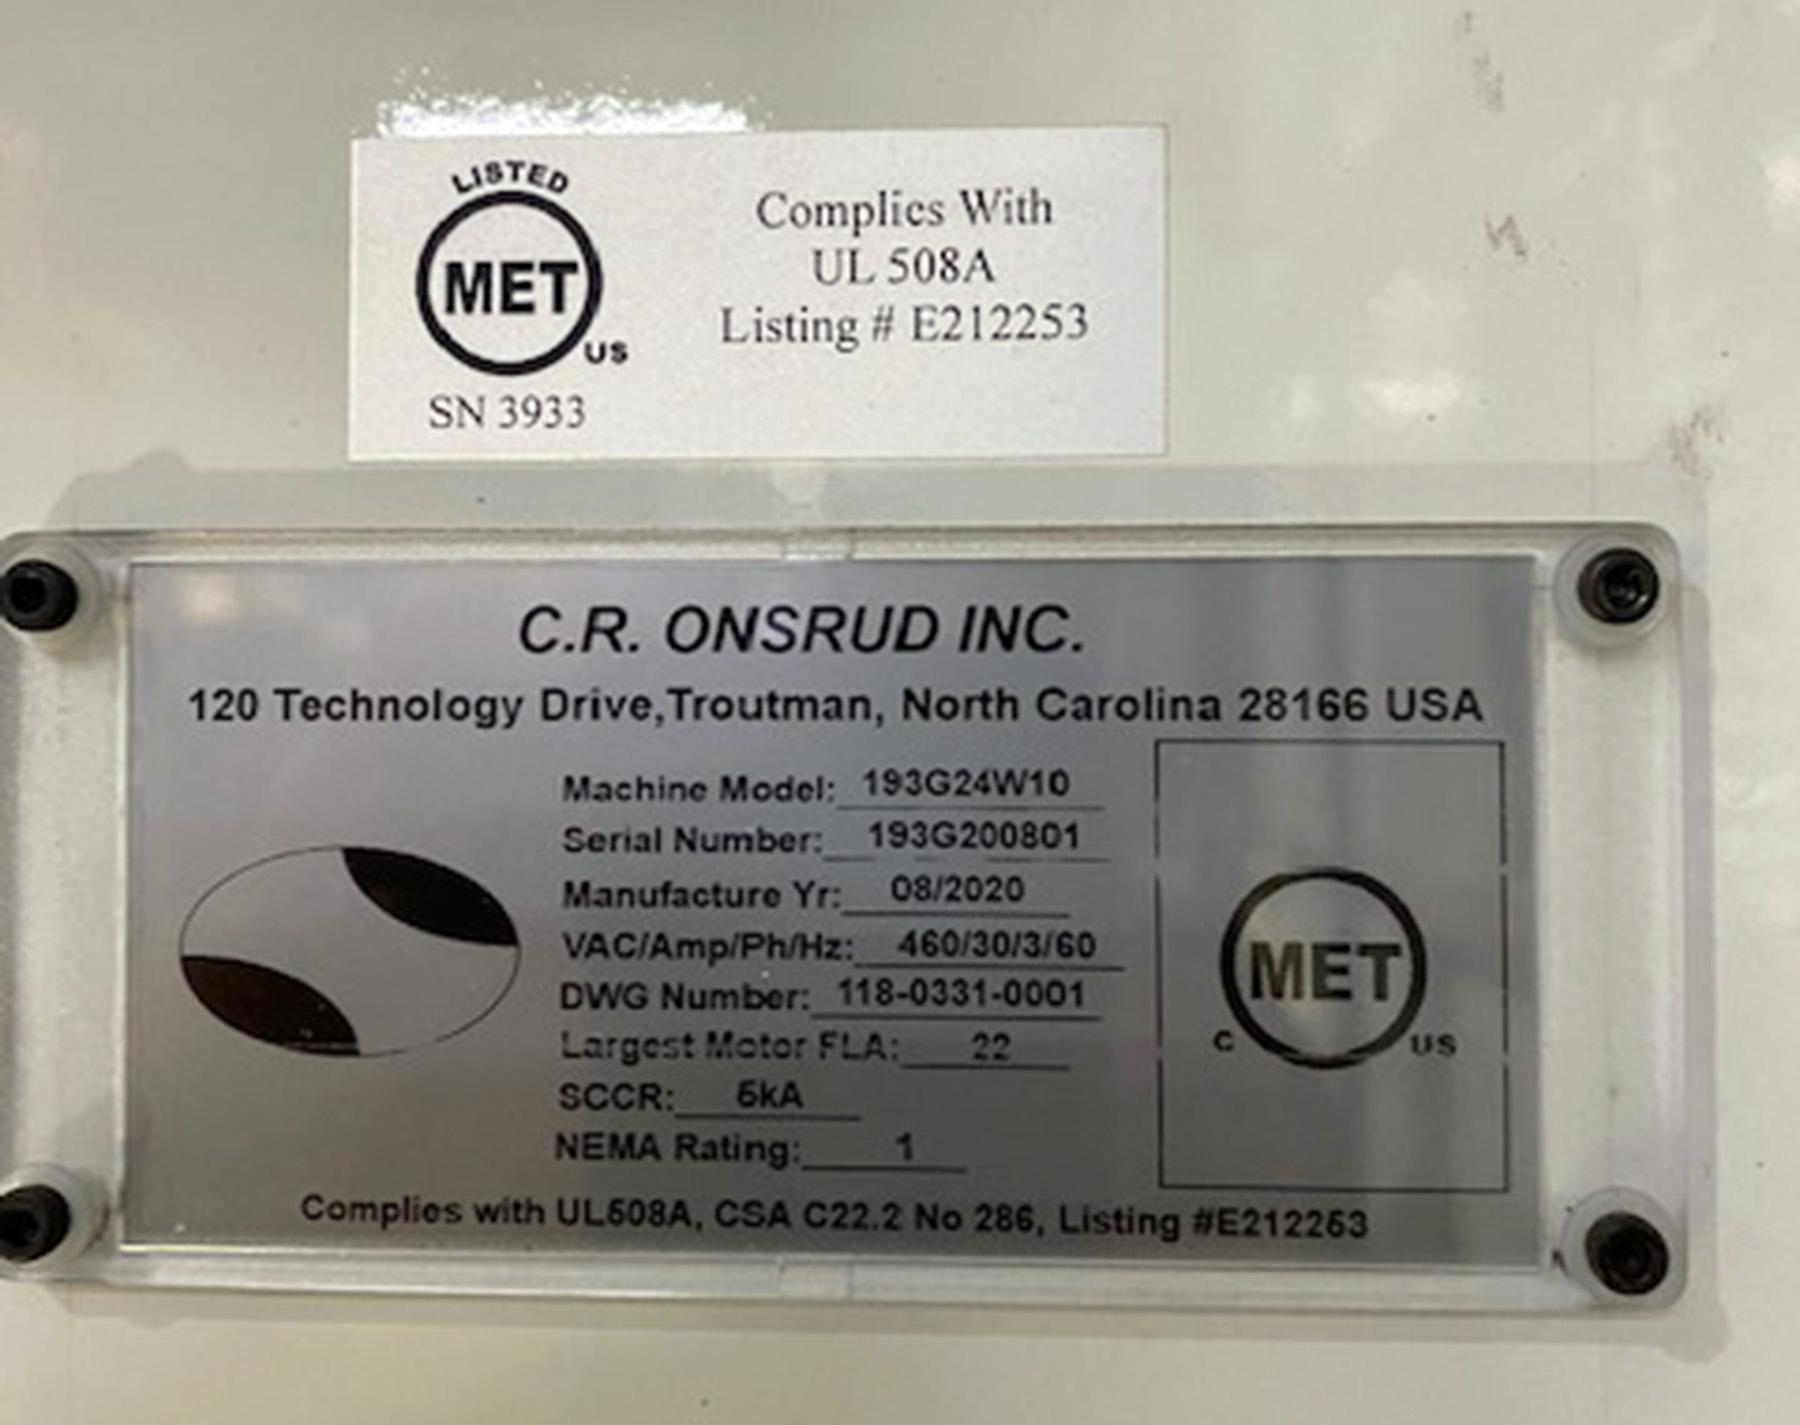 UNUSED, C.R. ONSRUD MODEL 193G24W10 G-SERIES GANTRY TYPE CNC ROUTER